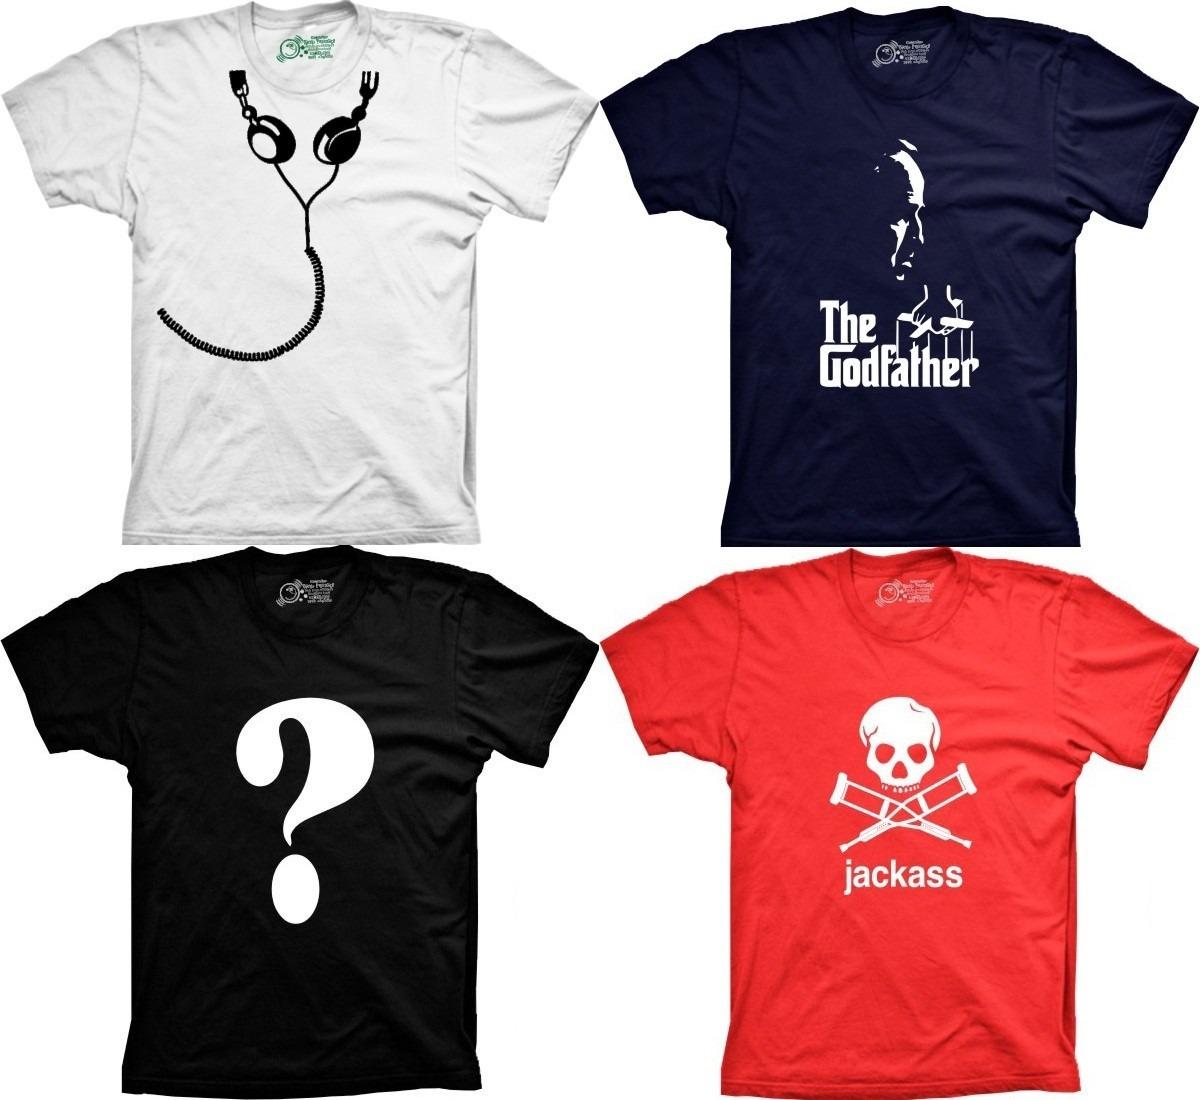 f0676d86b7 camiseta divertidas engraçadas personalizadas playboy carro. Carregando  zoom.